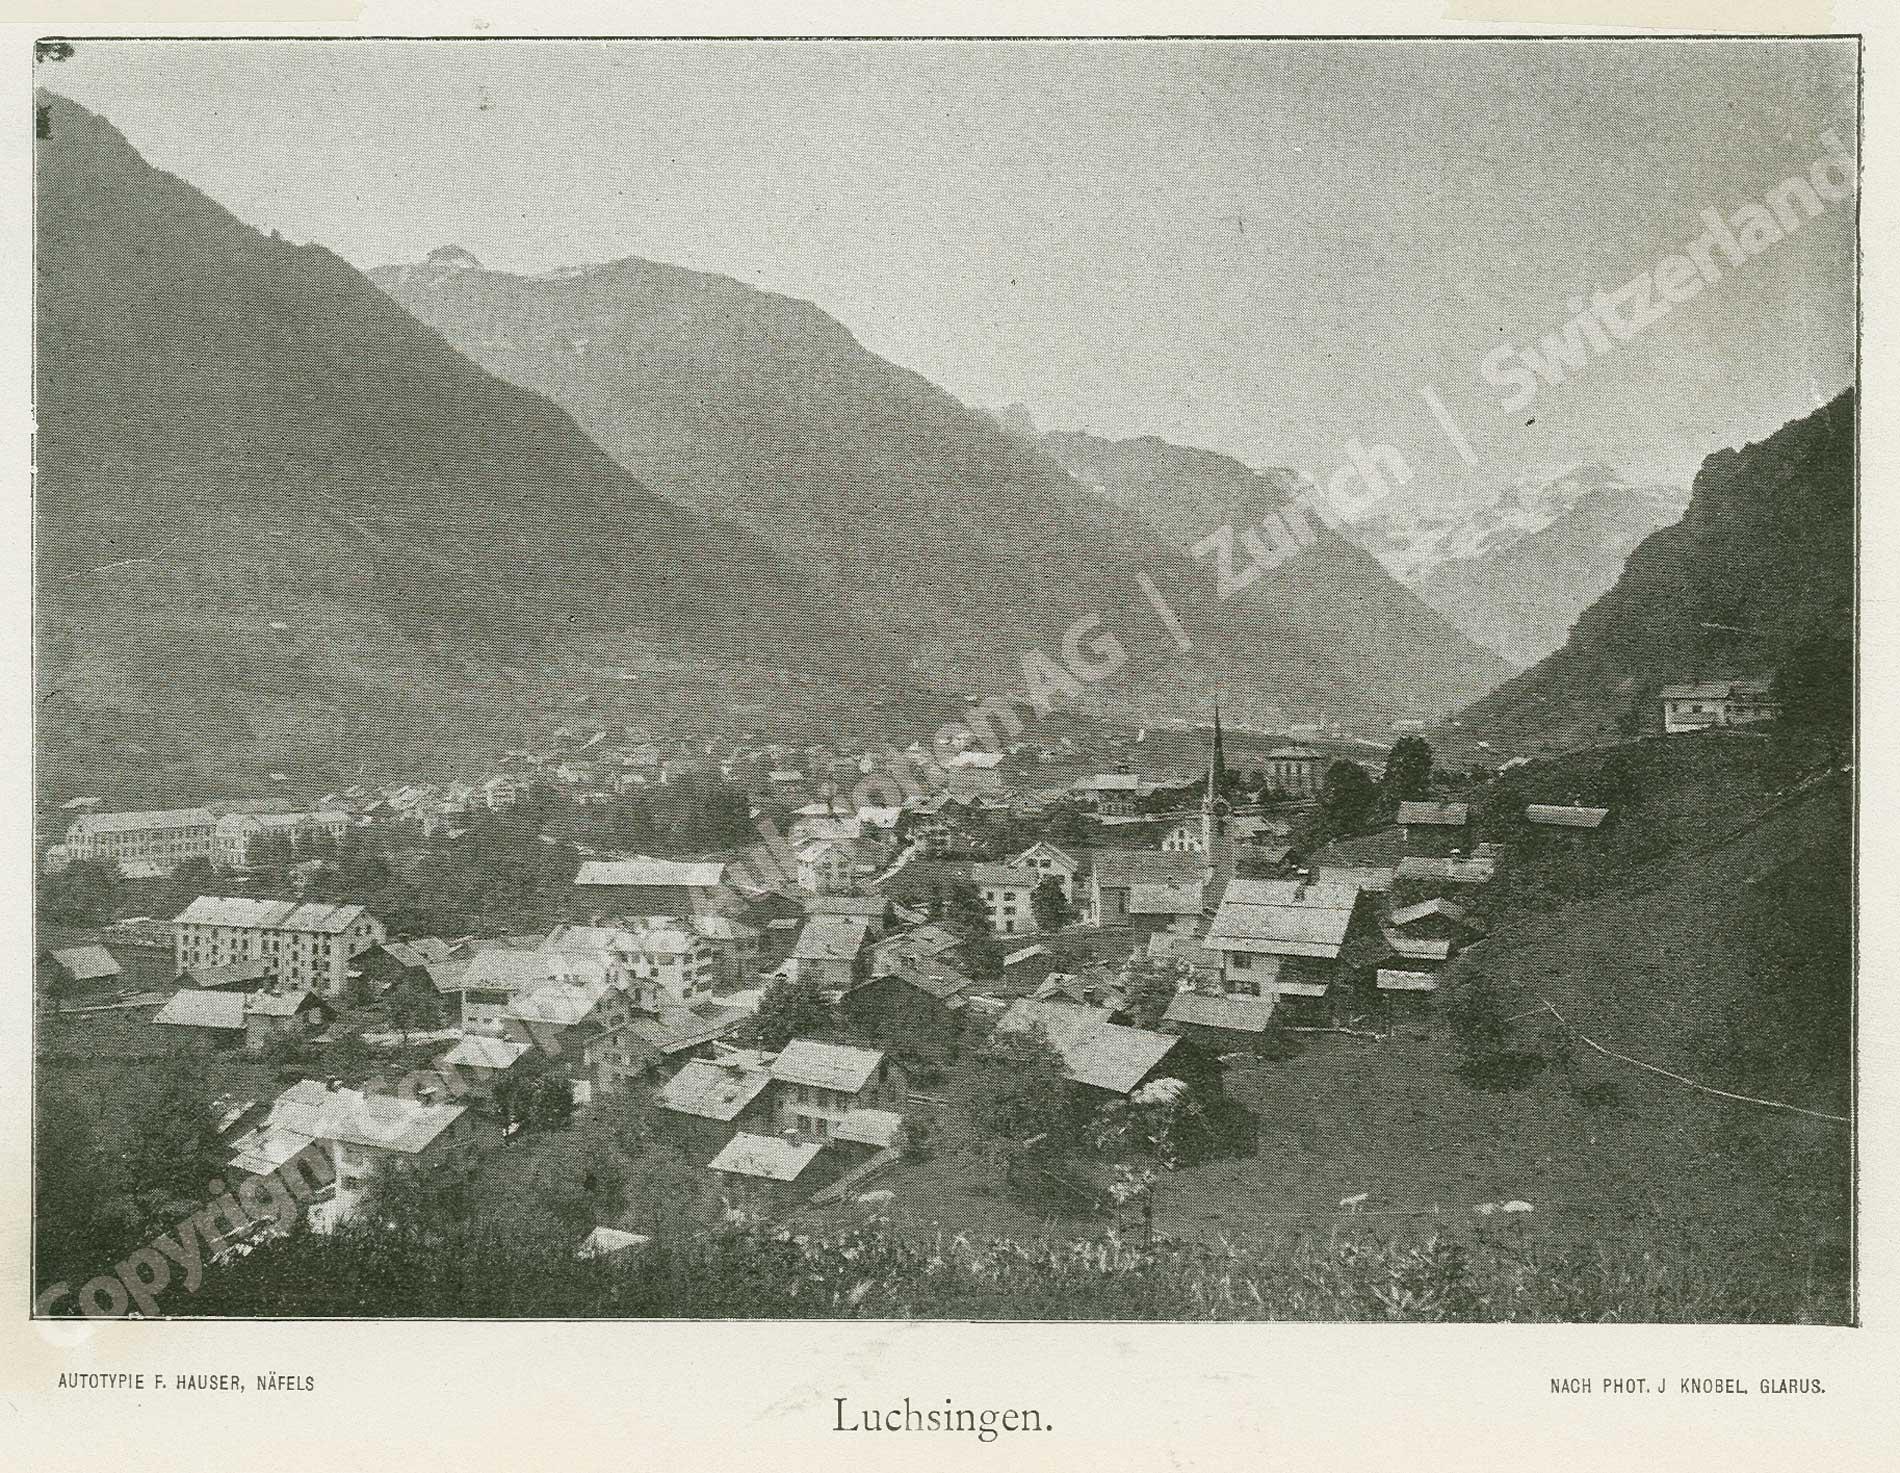 Luchsingen